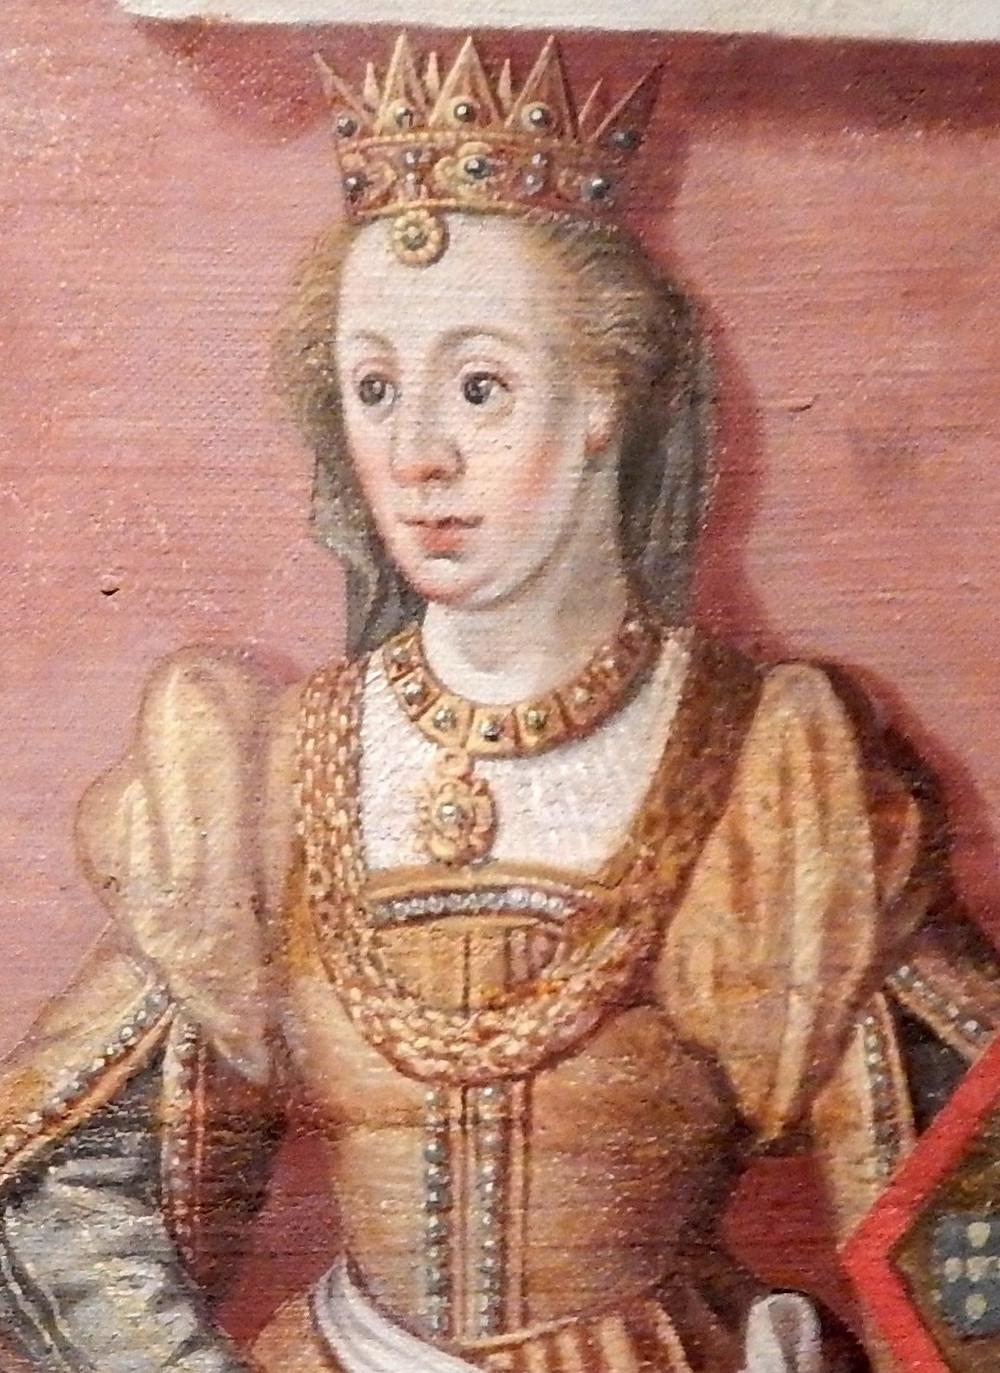 Philippa of England, Queen of Denmark, Sweden & Norway